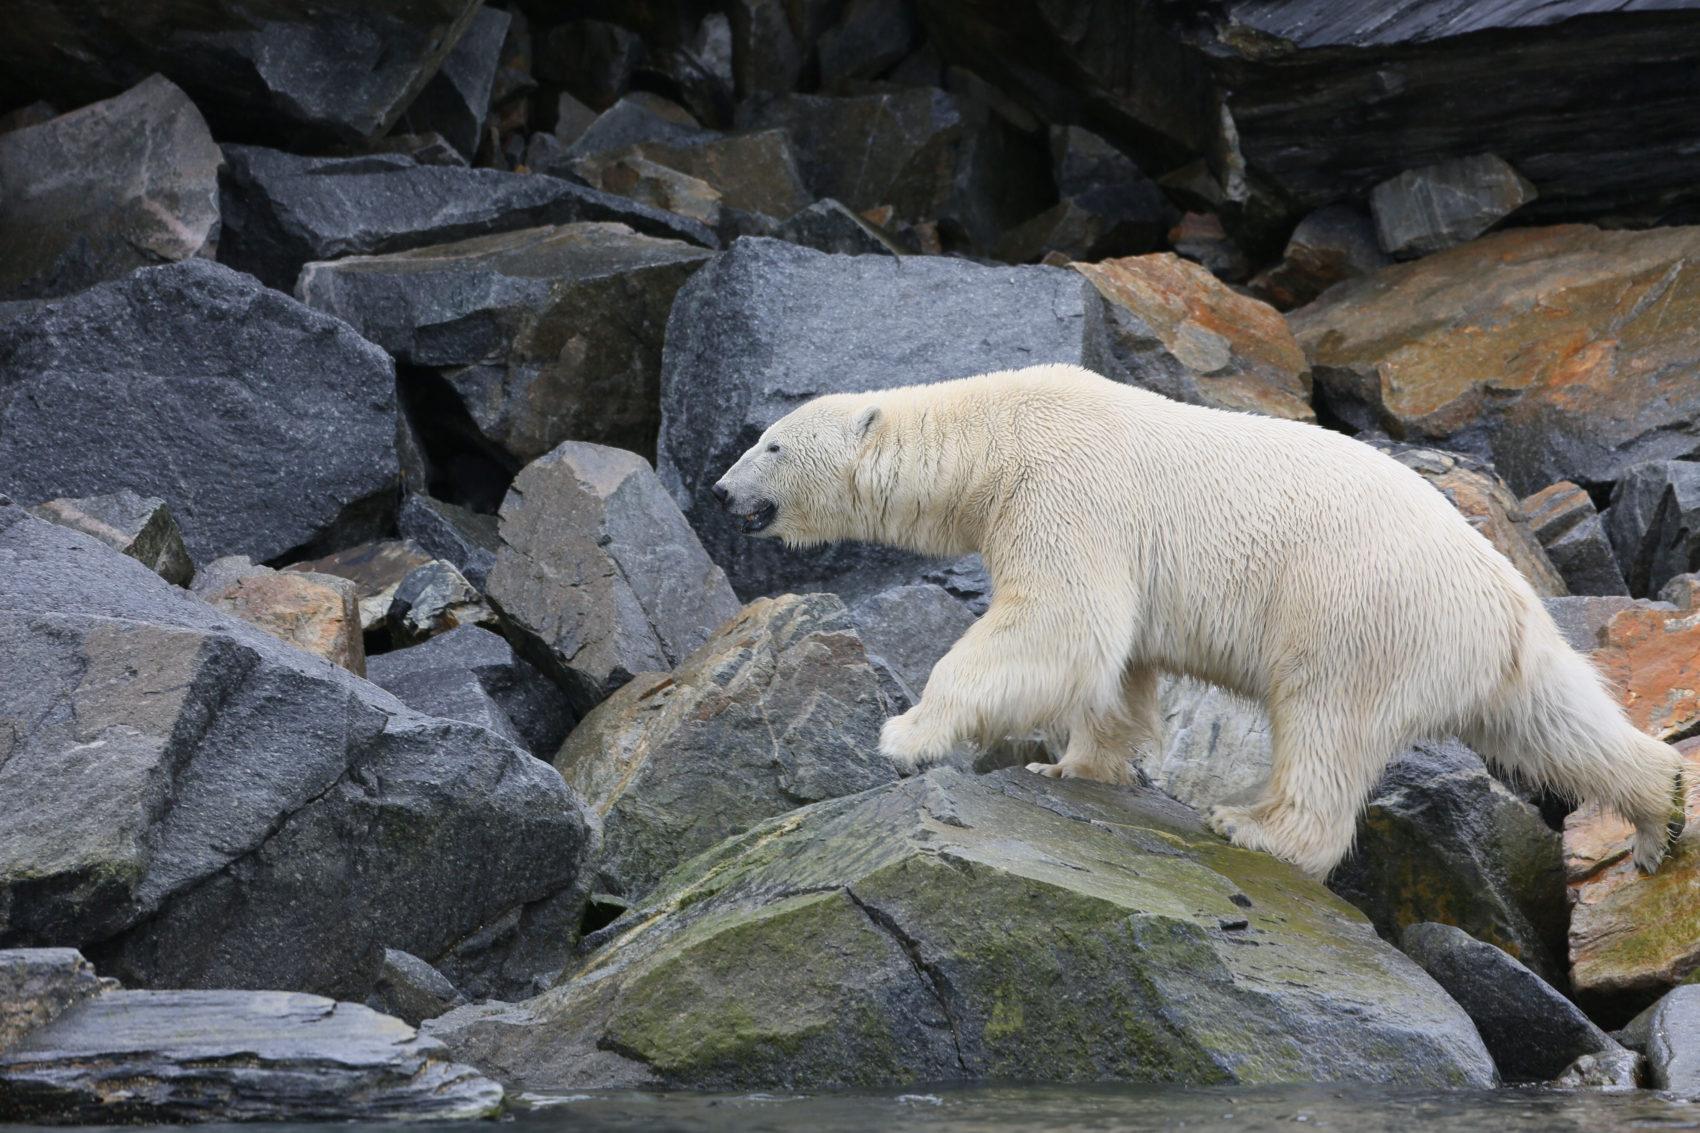 Longtemps, l'ours évolue sur les rochers près de l'eau